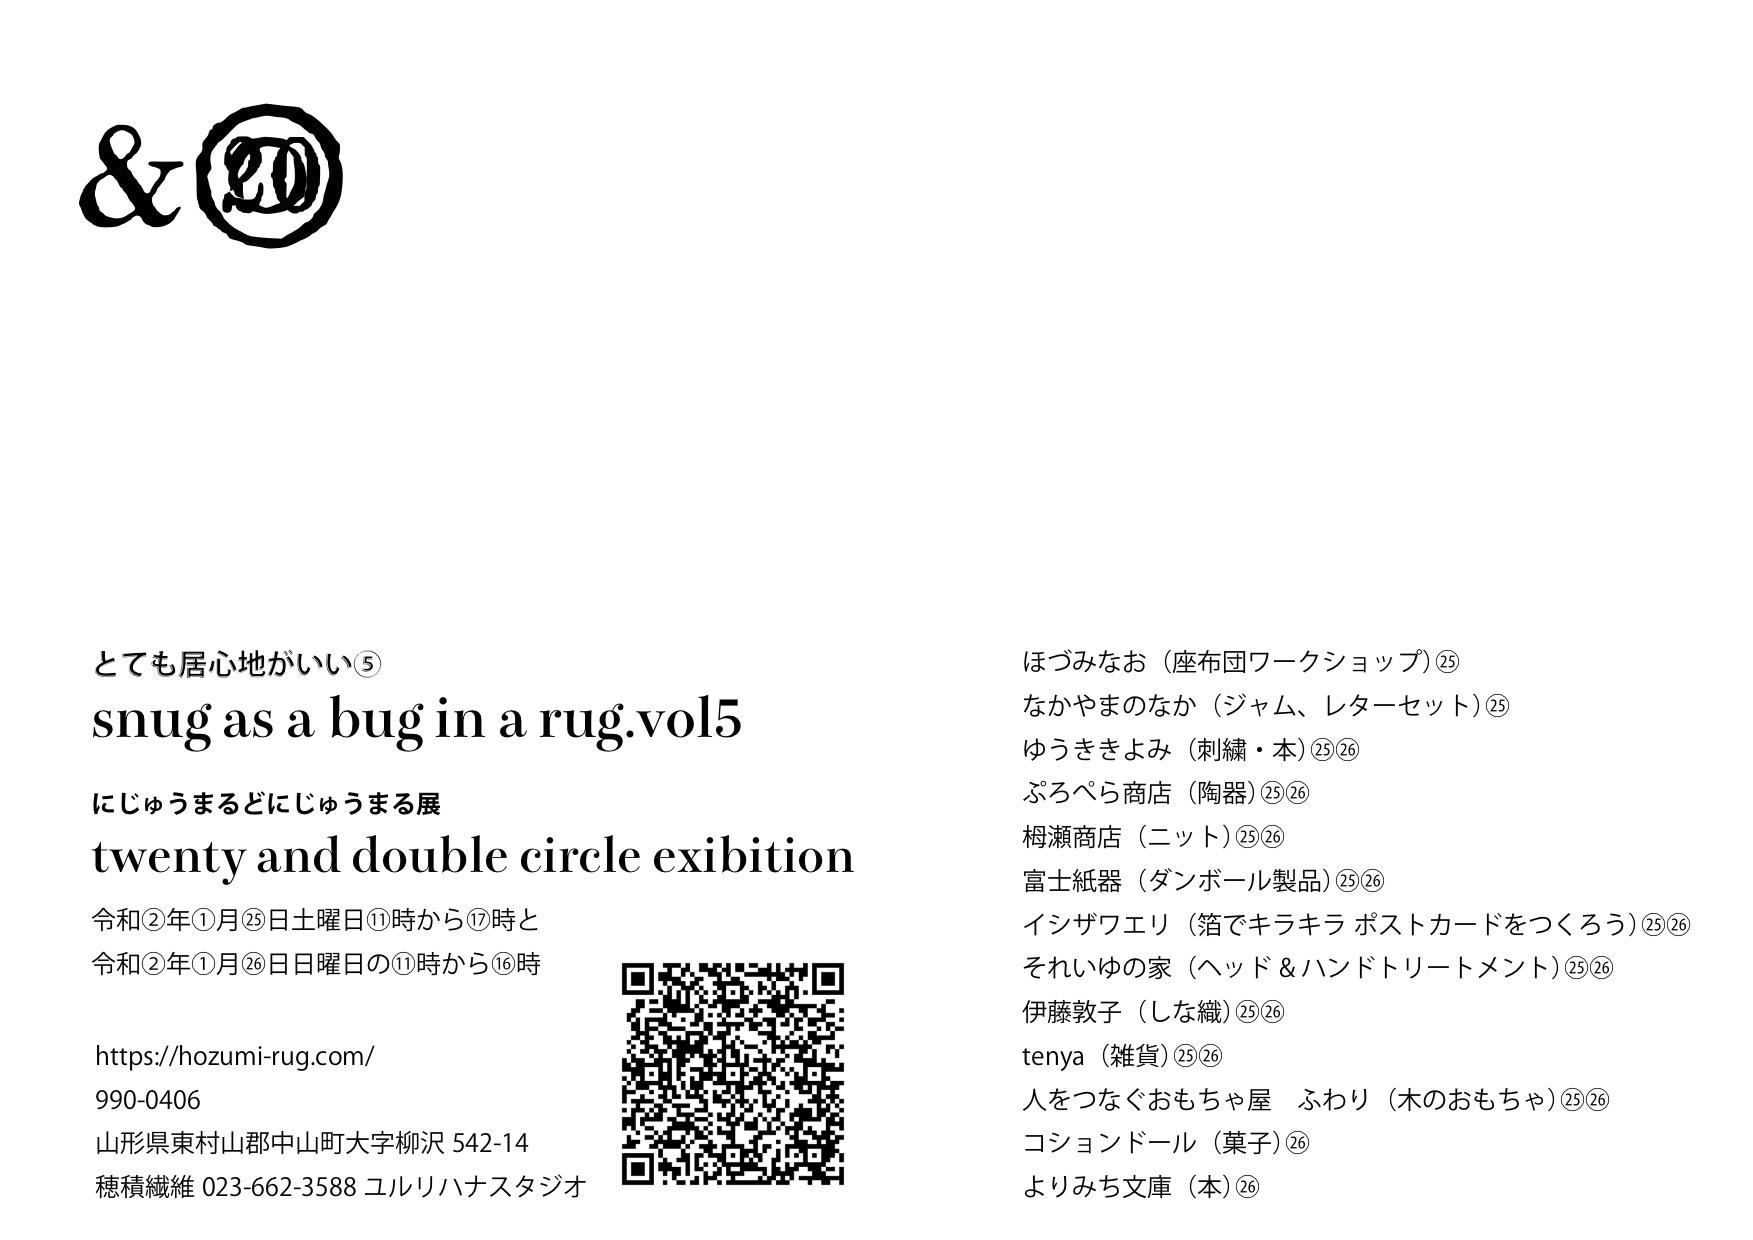 http://hozumi-rug.com/news/20n20/snugbugrug5%E2%97%8E%E3%83%88%E3%82%99%E2%91%B3%E3%81%AE%E3%81%86%E3%82%89.jpg